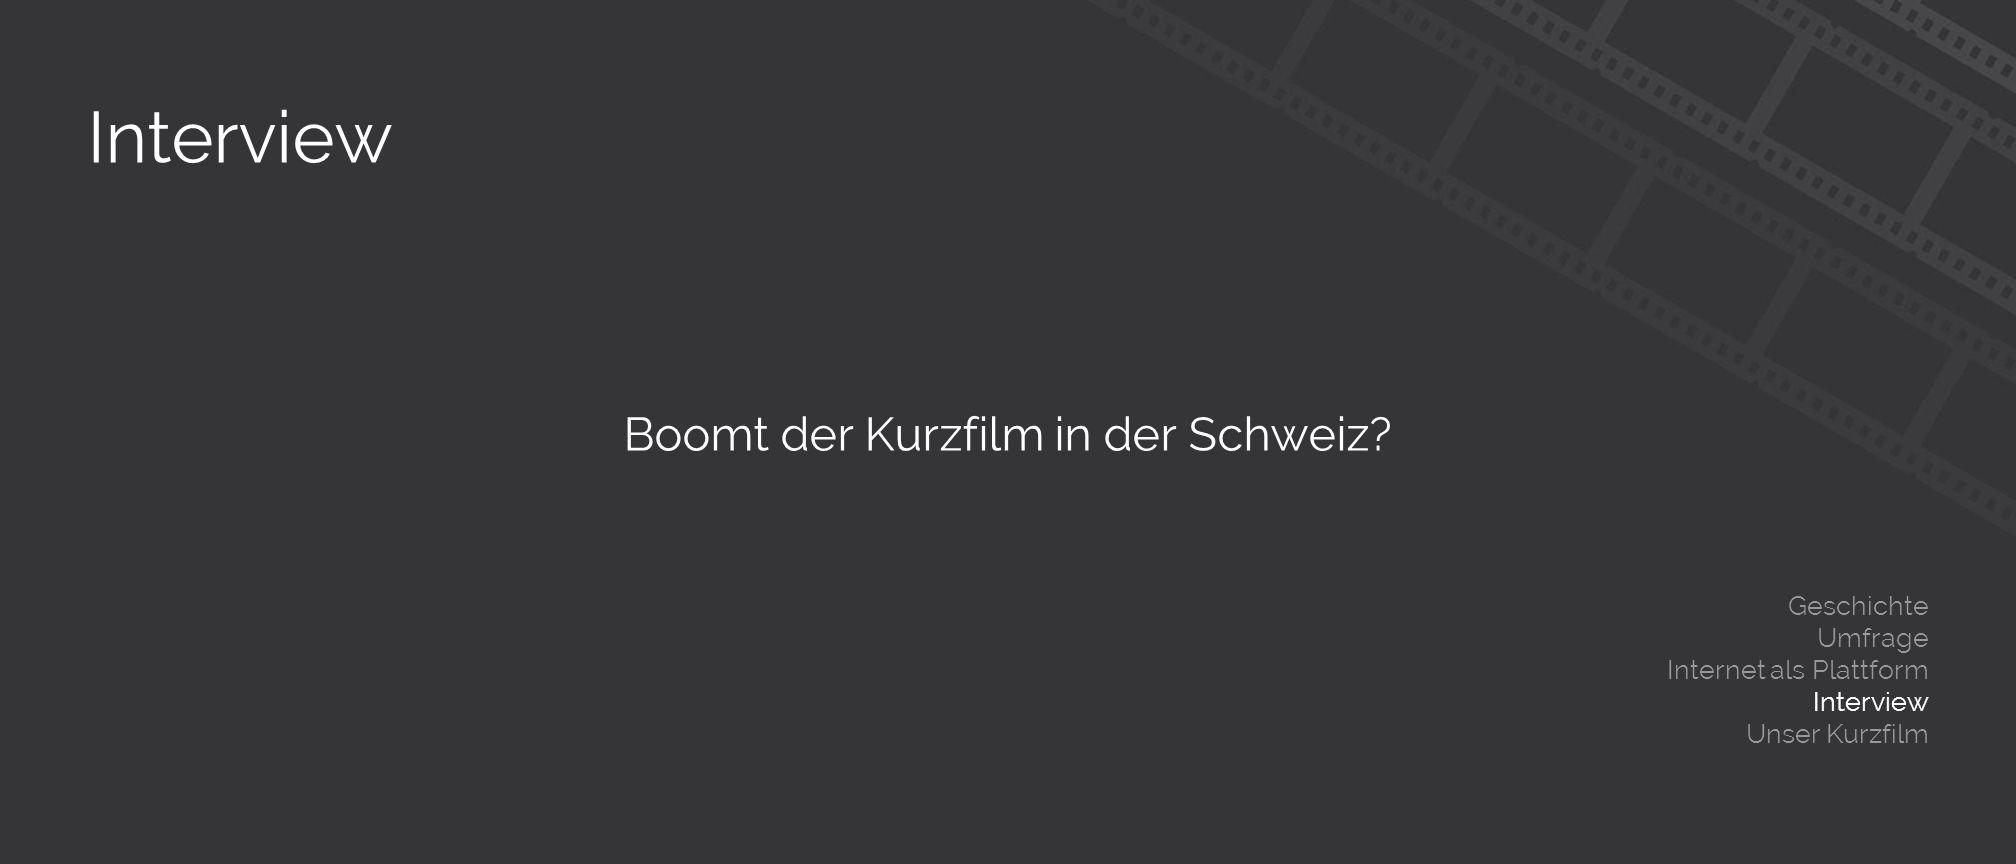 Interview Boomt der Kurzfilm in der Schweiz.